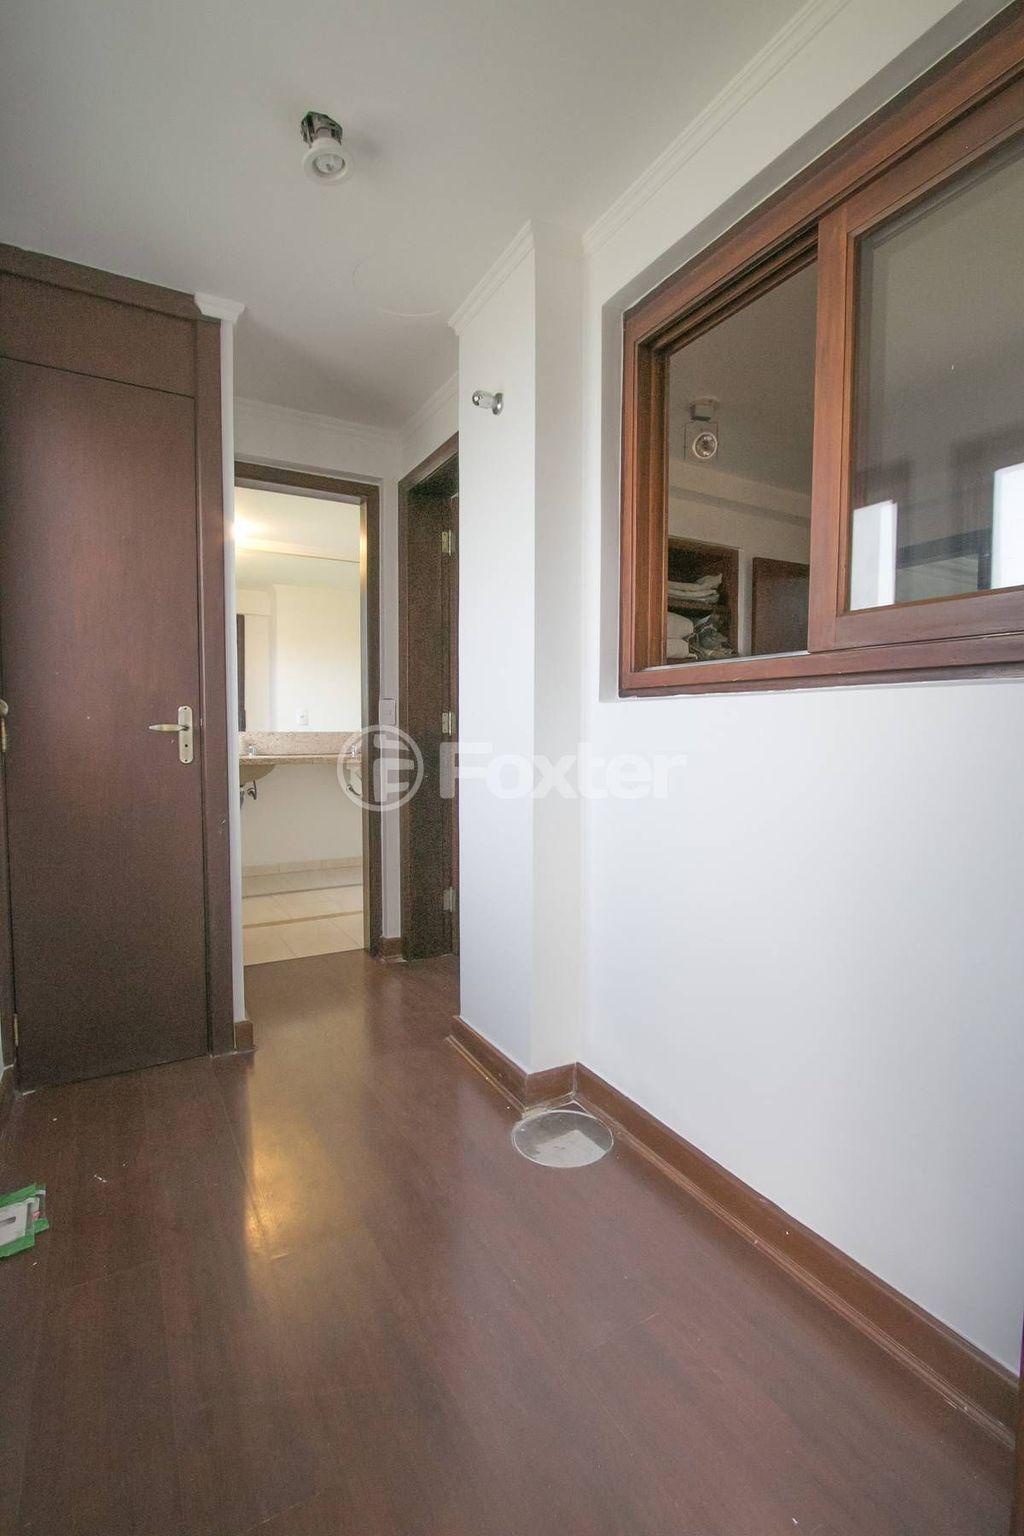 Foxter Imobiliária - Cobertura 5 Dorm (115529) - Foto 8